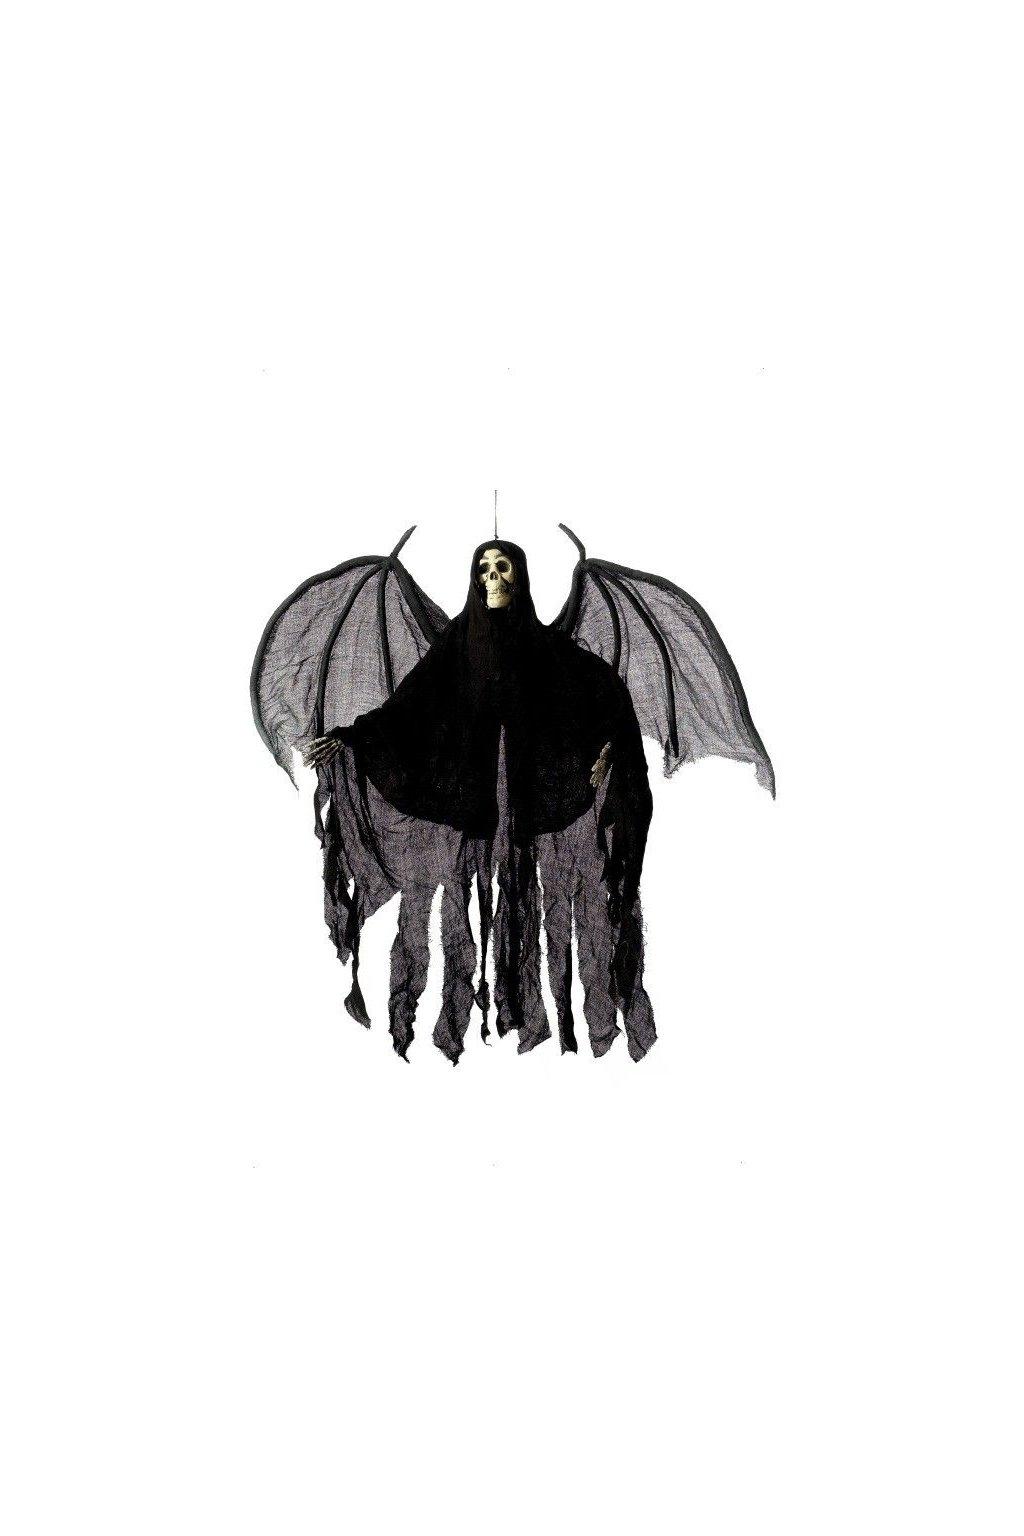 Závěsná dekorace - Smrták s pláštěm a křídly